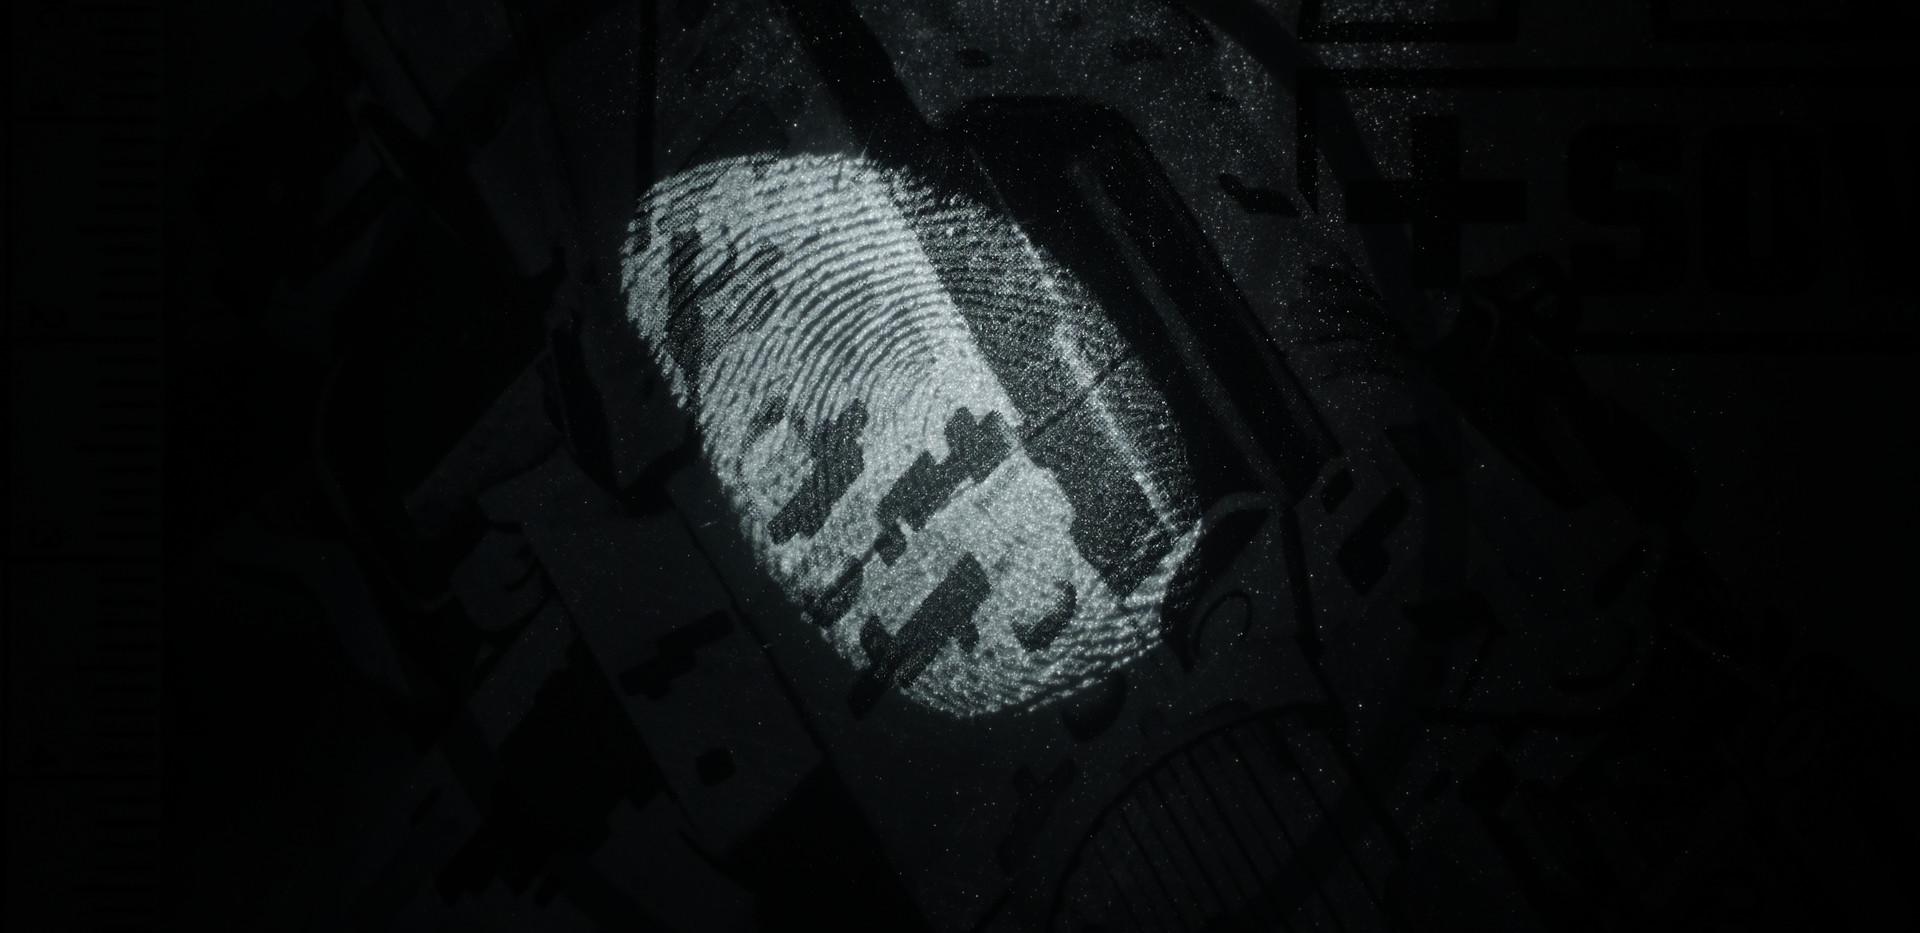 Fingerprint on Magazine